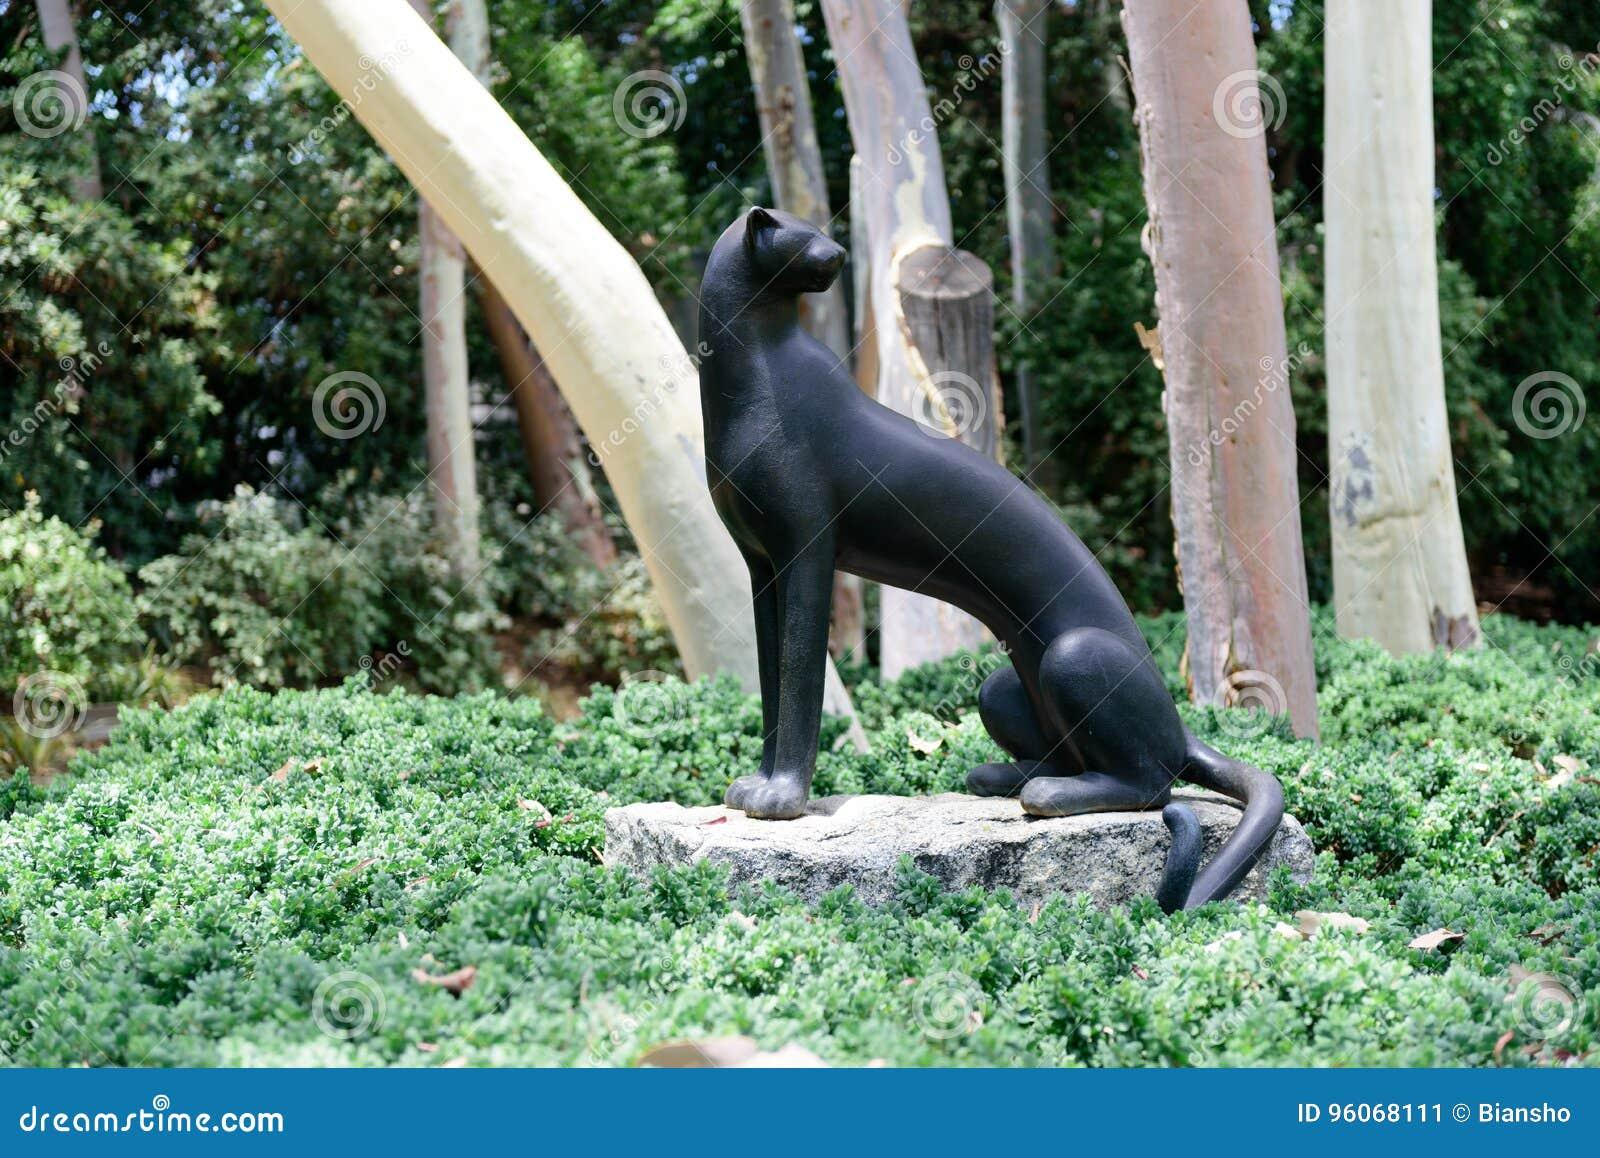 雕塑狮身人面象在诺顿西蒙博物馆